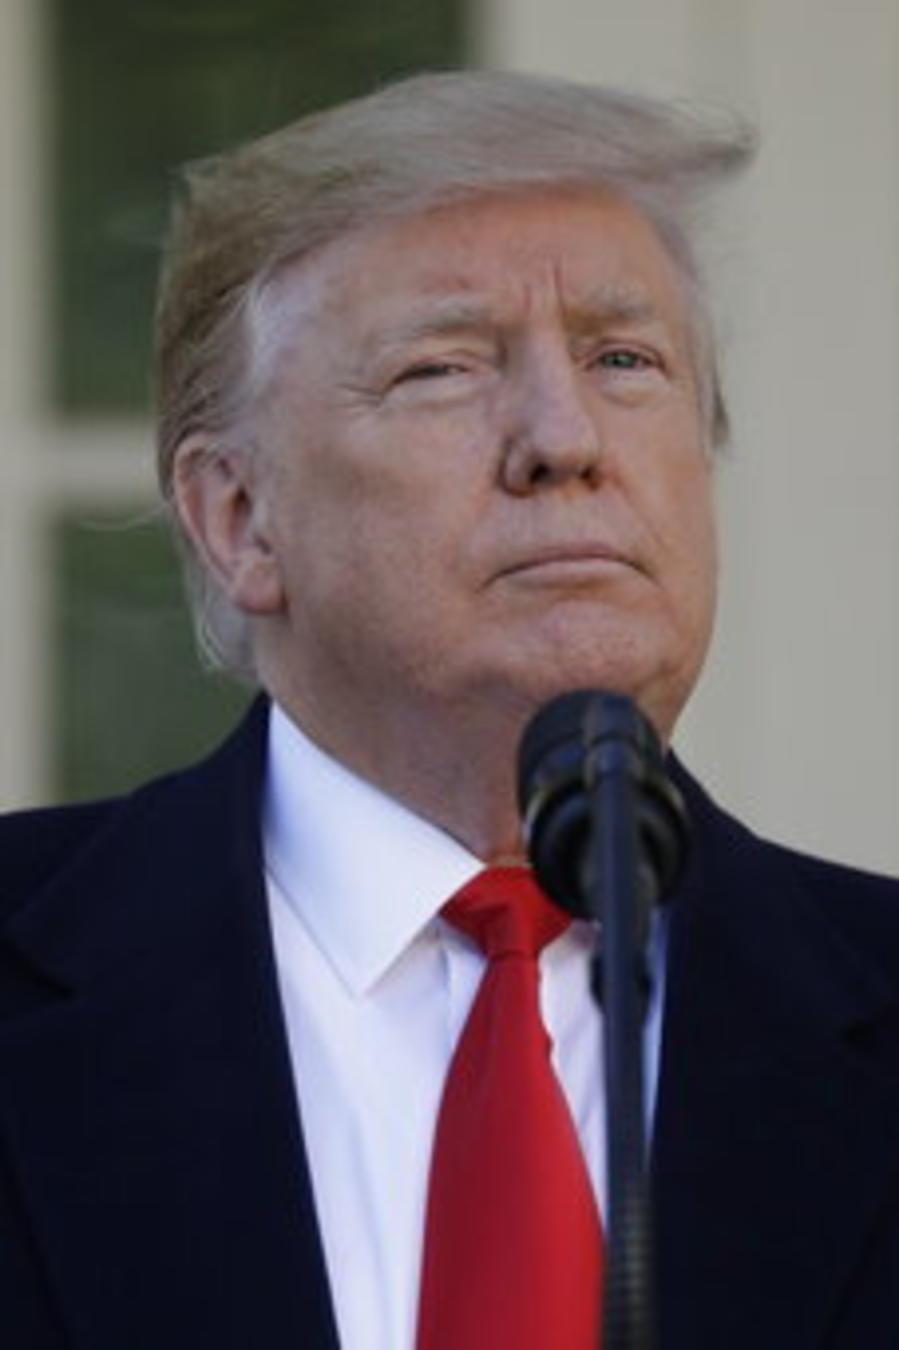 El presidente Donald Trump durante un encuentro con los medios en la Casa Blanca.